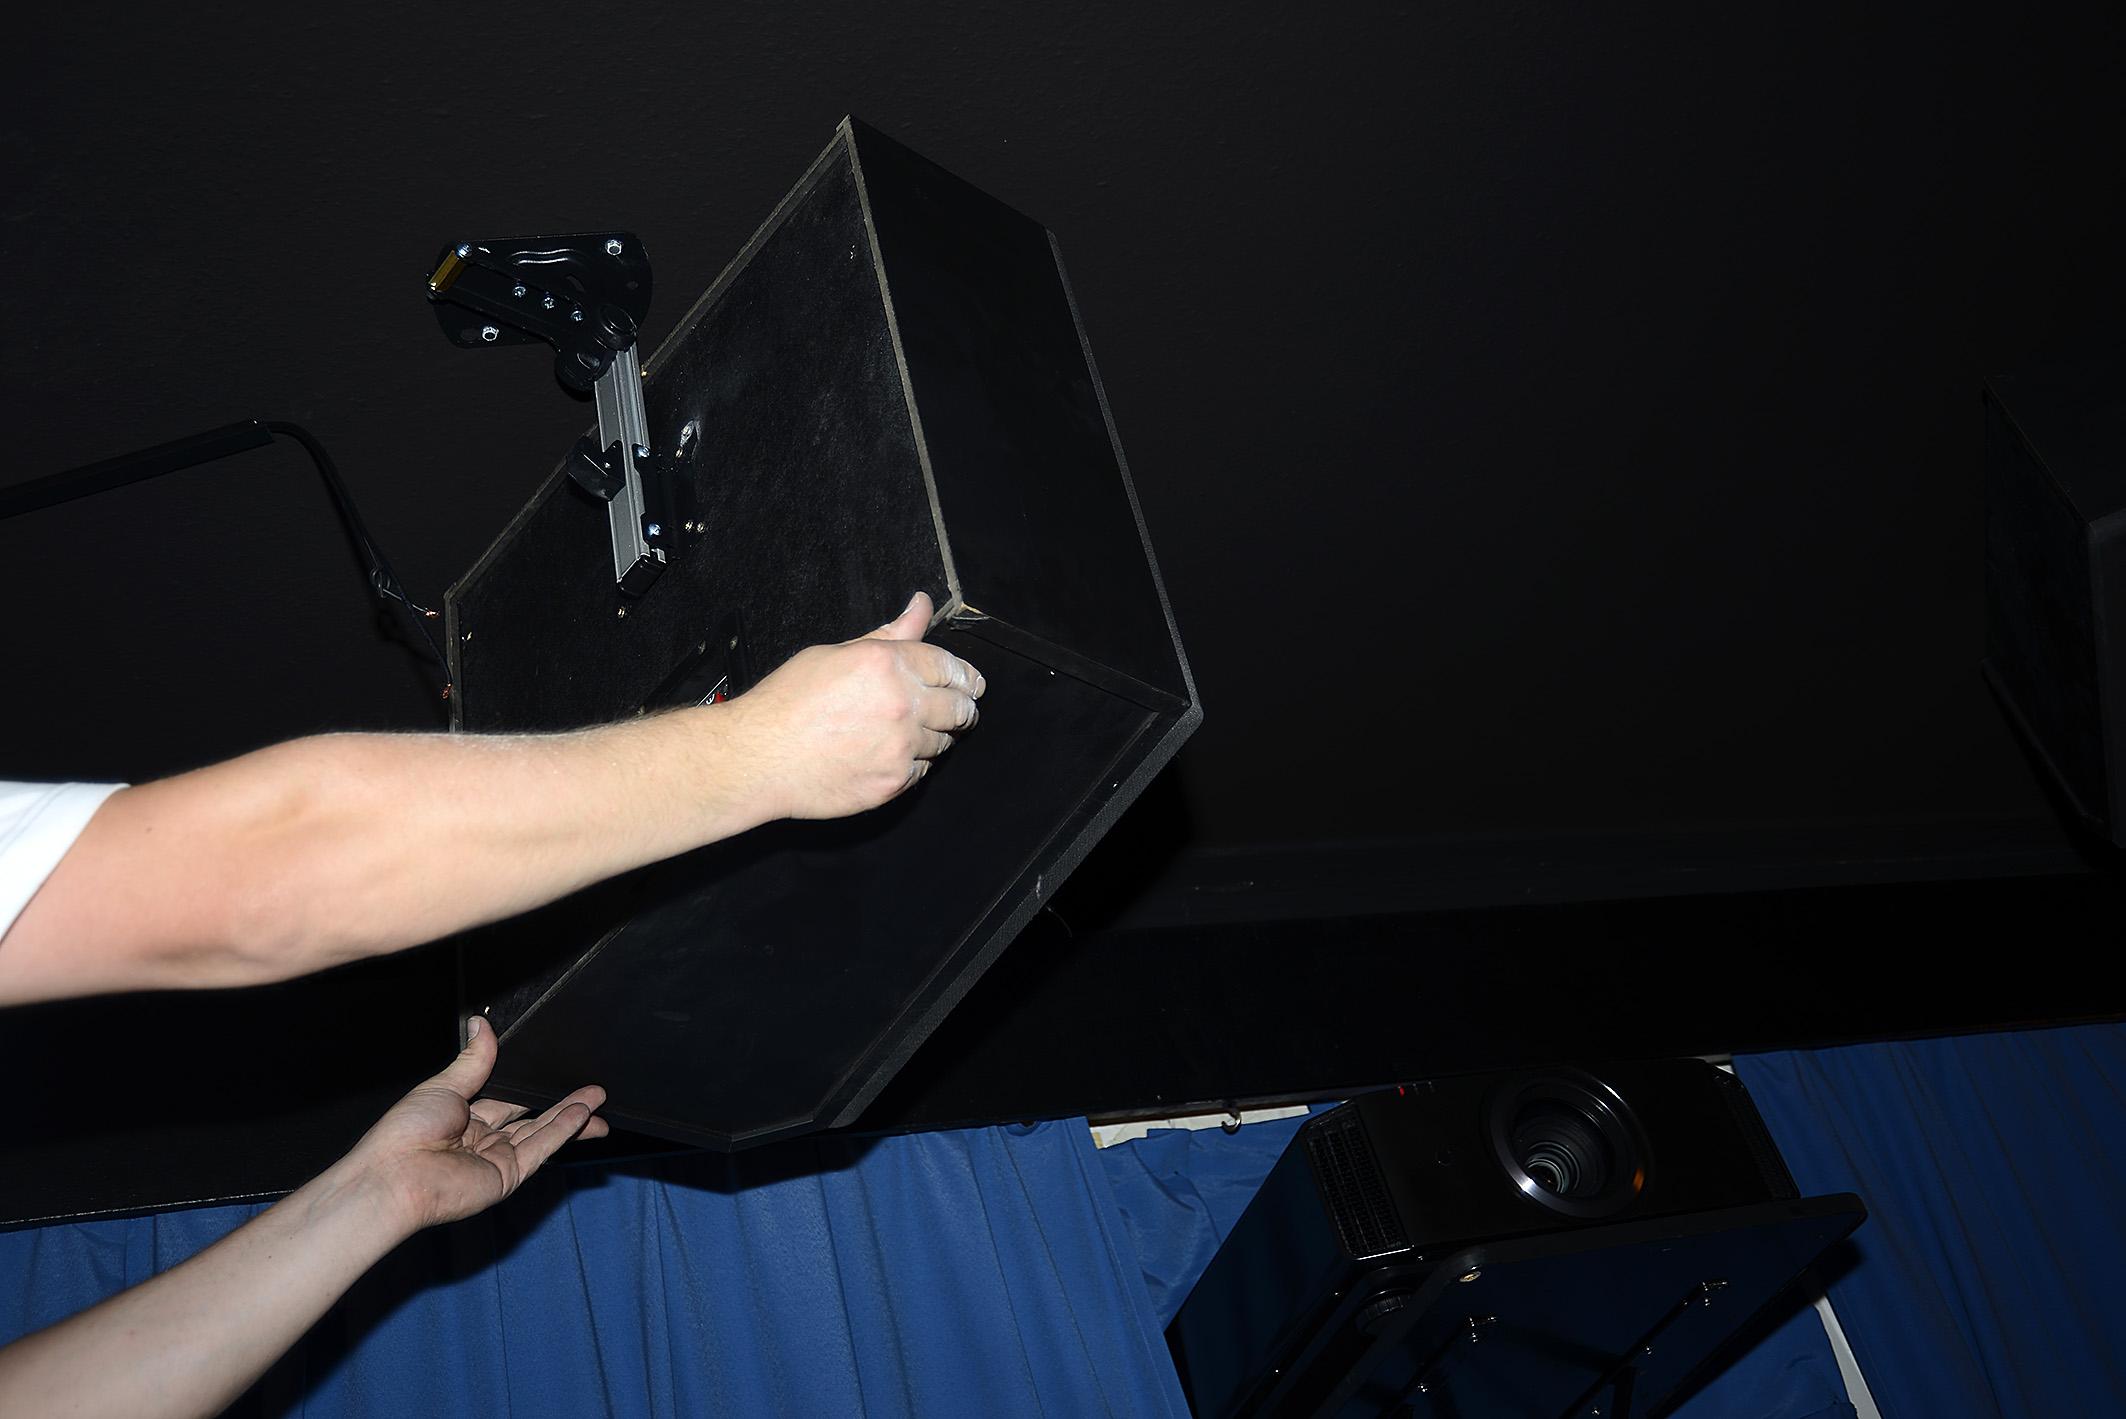 Foto: Michael B. Rehders Der KCS SR-10-A wird an die Deckenhalterung eingehakt. Das ist sogar allein ganz gut zu schaffen. Anschließend werden die Lautsprecherkabel noch eingesteckt und der KCS SR-10 hochgeklappt. Nun liegen die Top-Speaker flach unter der Decke.